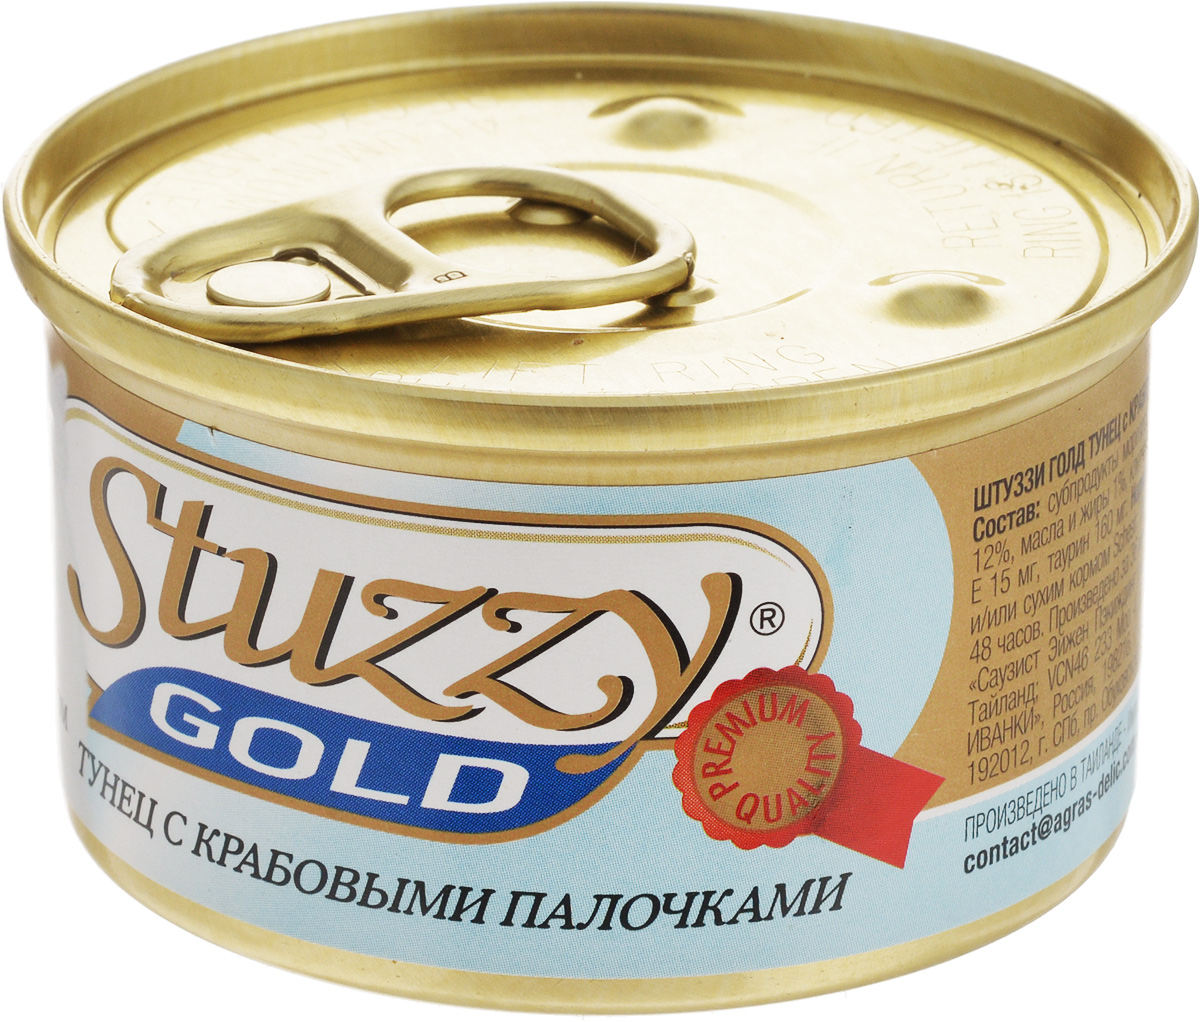 Консервы для взрослых кошек Stuzzy Gold, тунец с крабовыми палочками в собственном соку, 85 г консервы для взрослых кошек stuzzy gold с кроликом 85 г